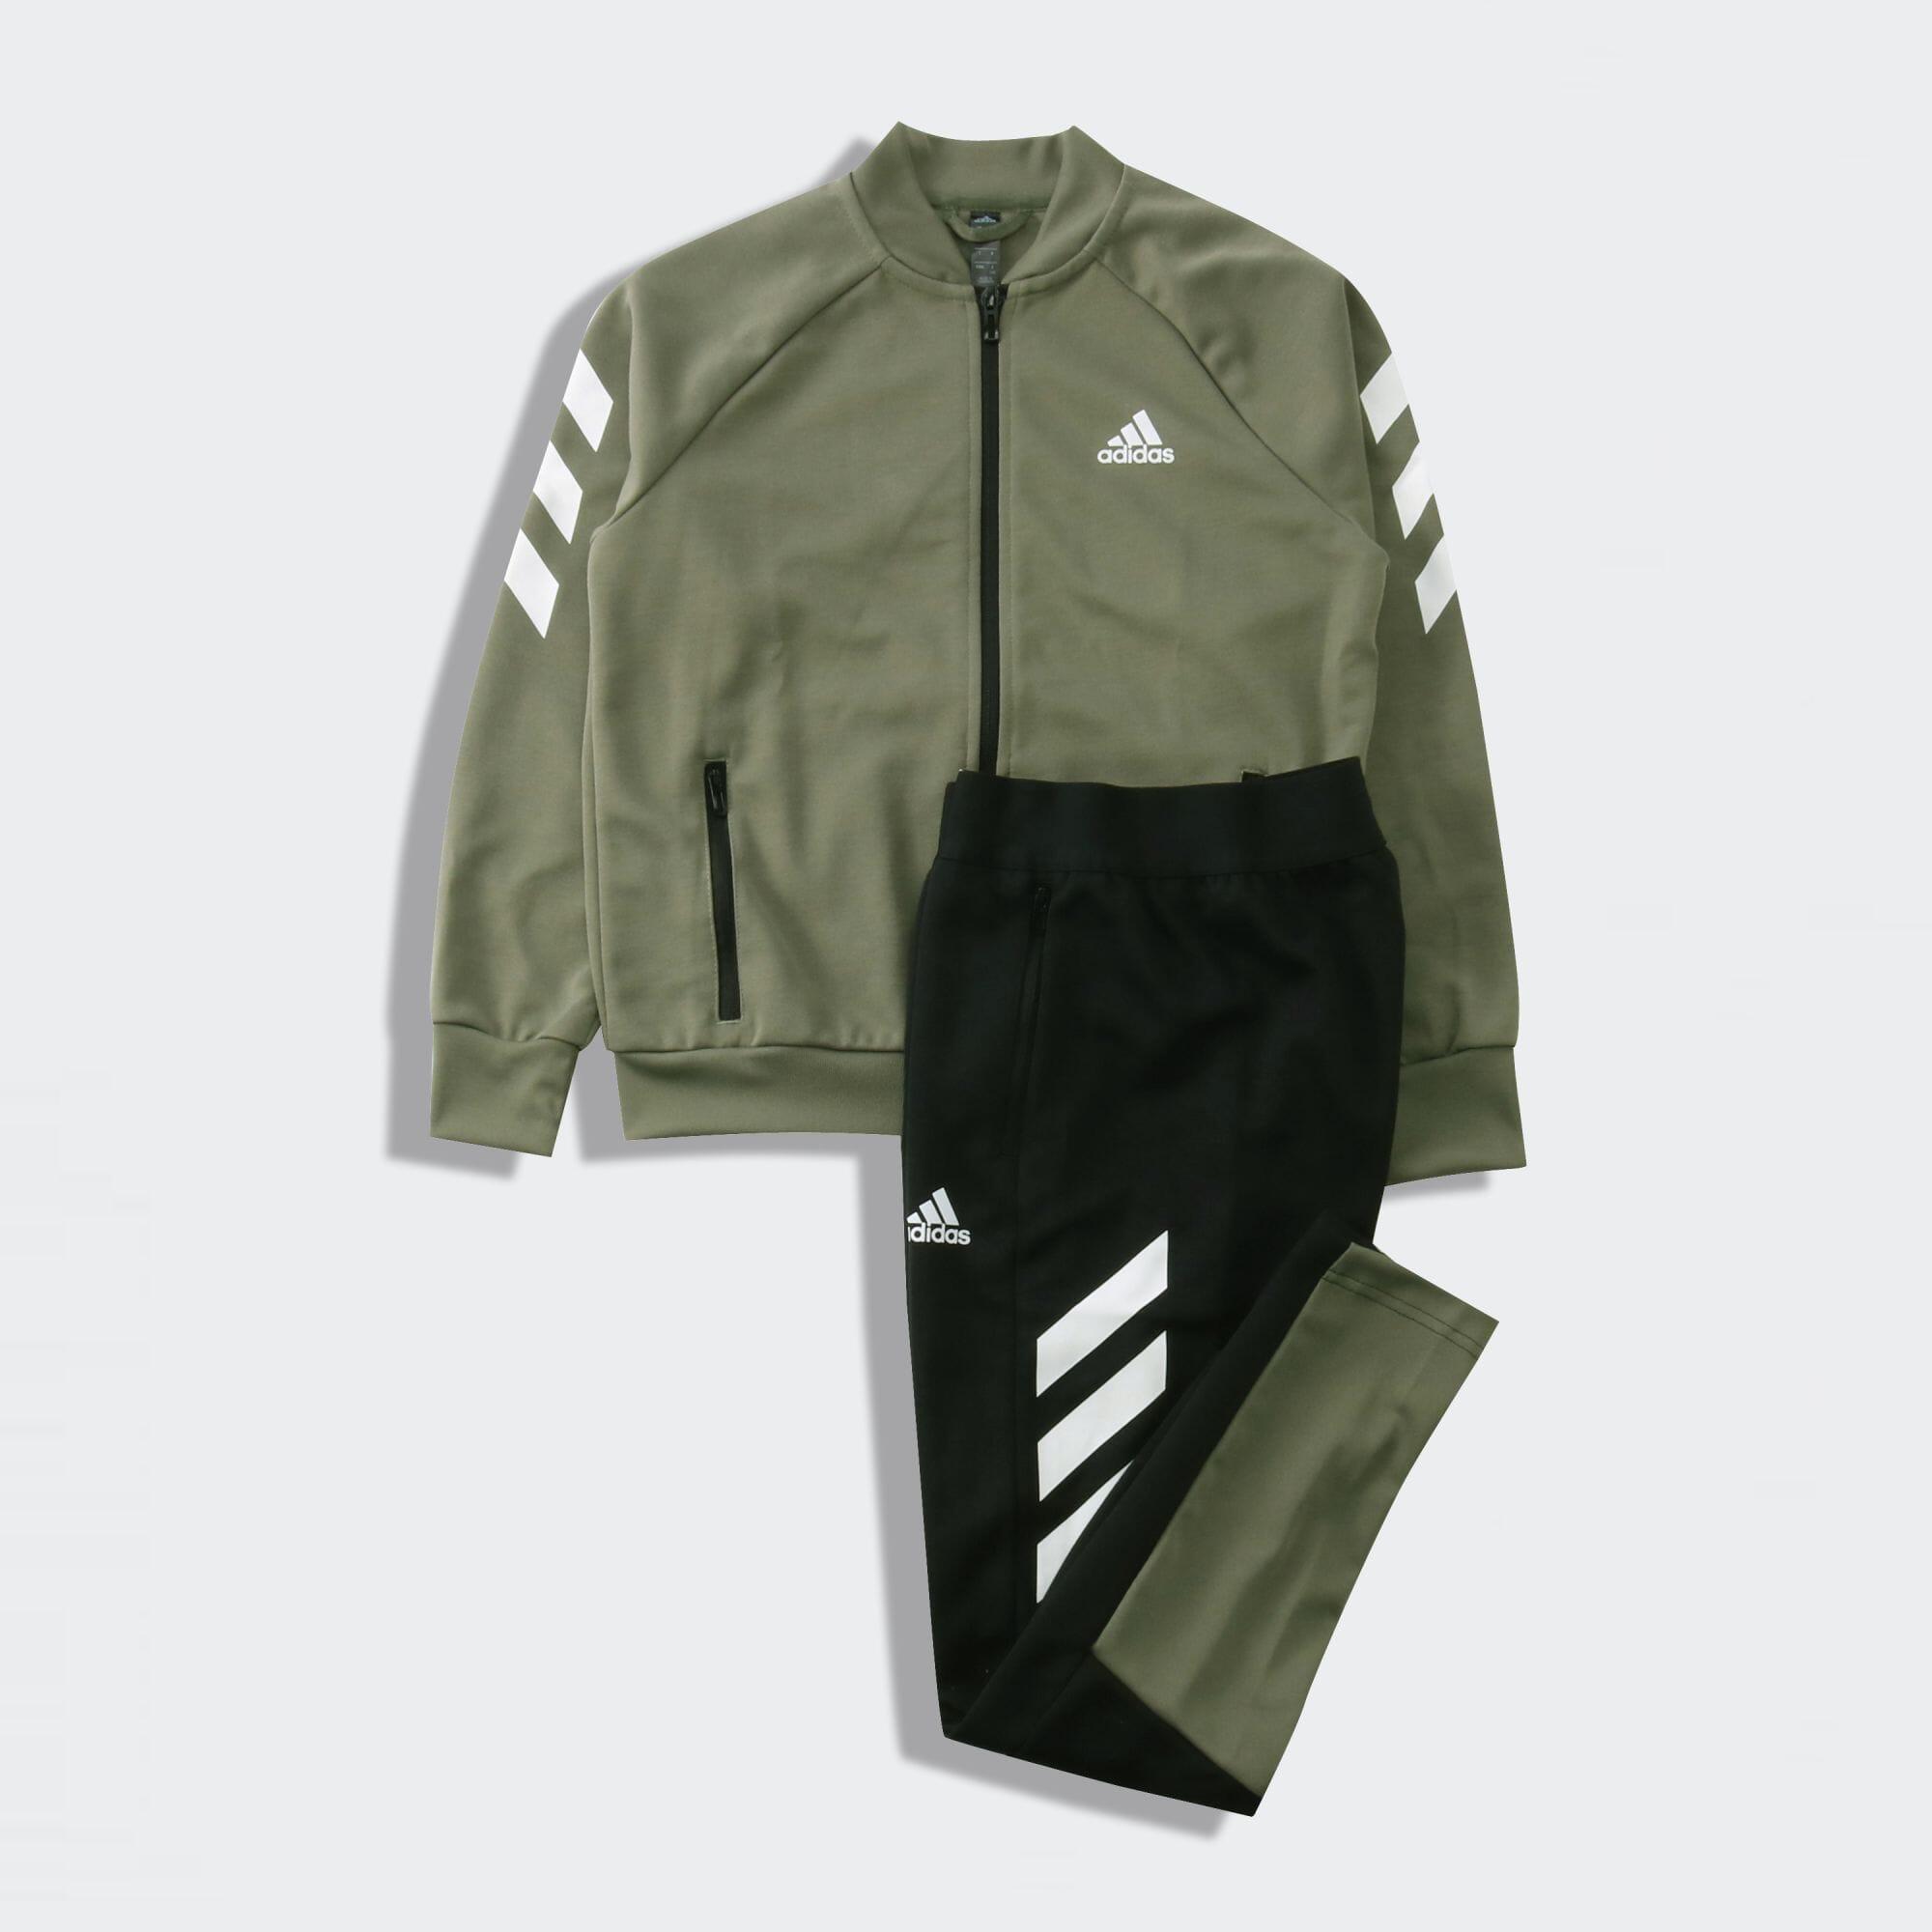 トラックスーツ / ジャージセットアップ / Track Suit